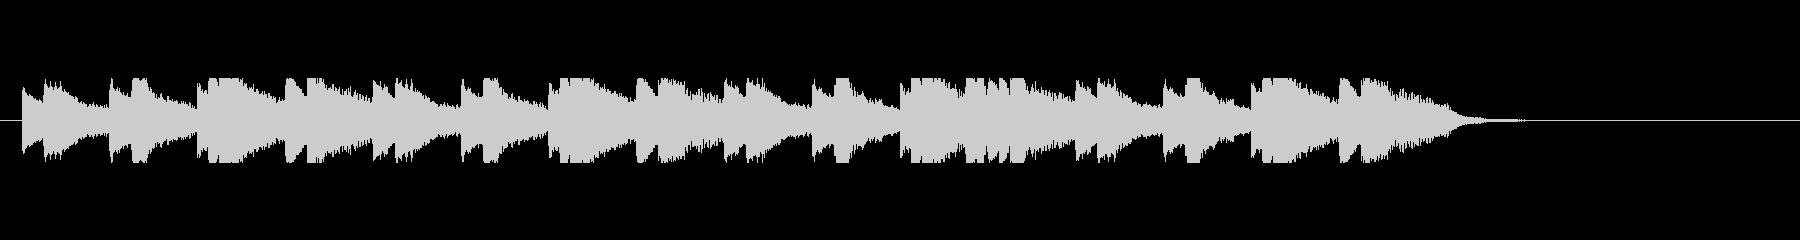 切ない雰囲気のピアノソロ オープニングの未再生の波形